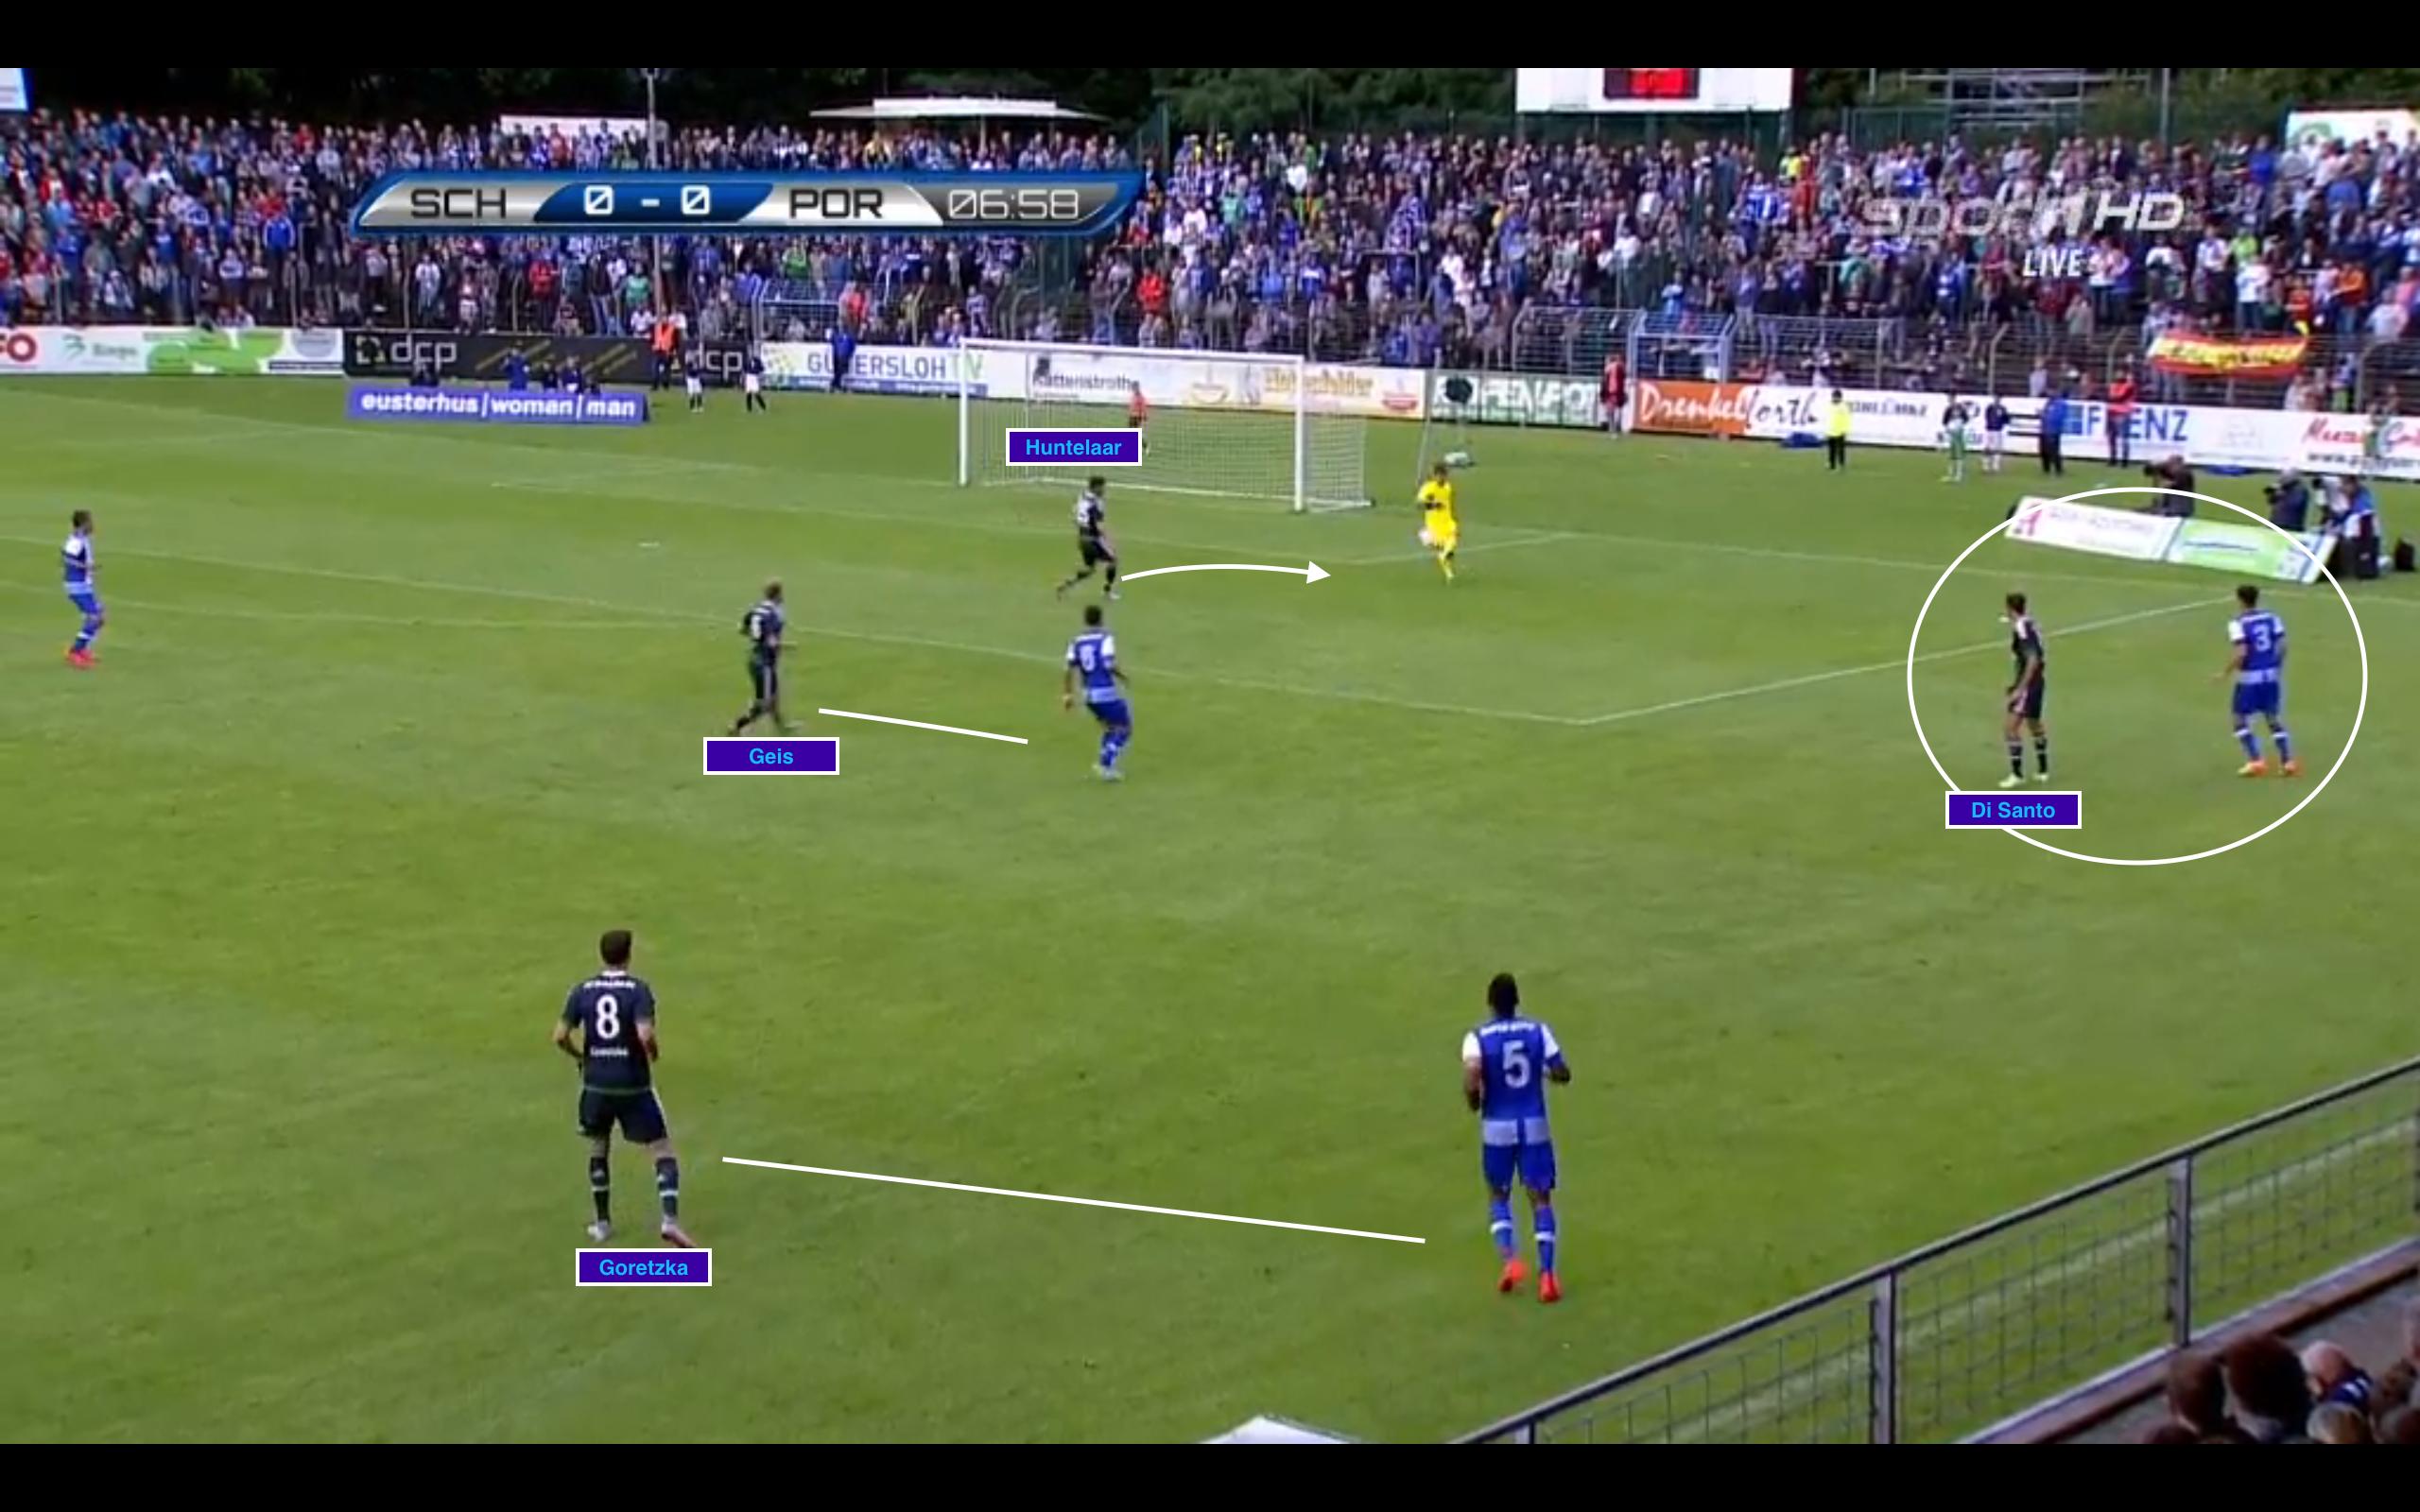 Di Santo stellt den rechten Innenverteidiger von Porto zu. Huntelaar läuft Casillas so an, dass sein Sichtfeld nach vorne zeigt und der zweite Innenverteidiger in seinem Deckungsschatten steht. Dahinter orientiert sich Geis lose am Sechser und Goretzka am Außenverteidiger. Simples Leiten in einen zugestellten Raum erzwingt einen langen Ball und erzeugt Ballbesitz.